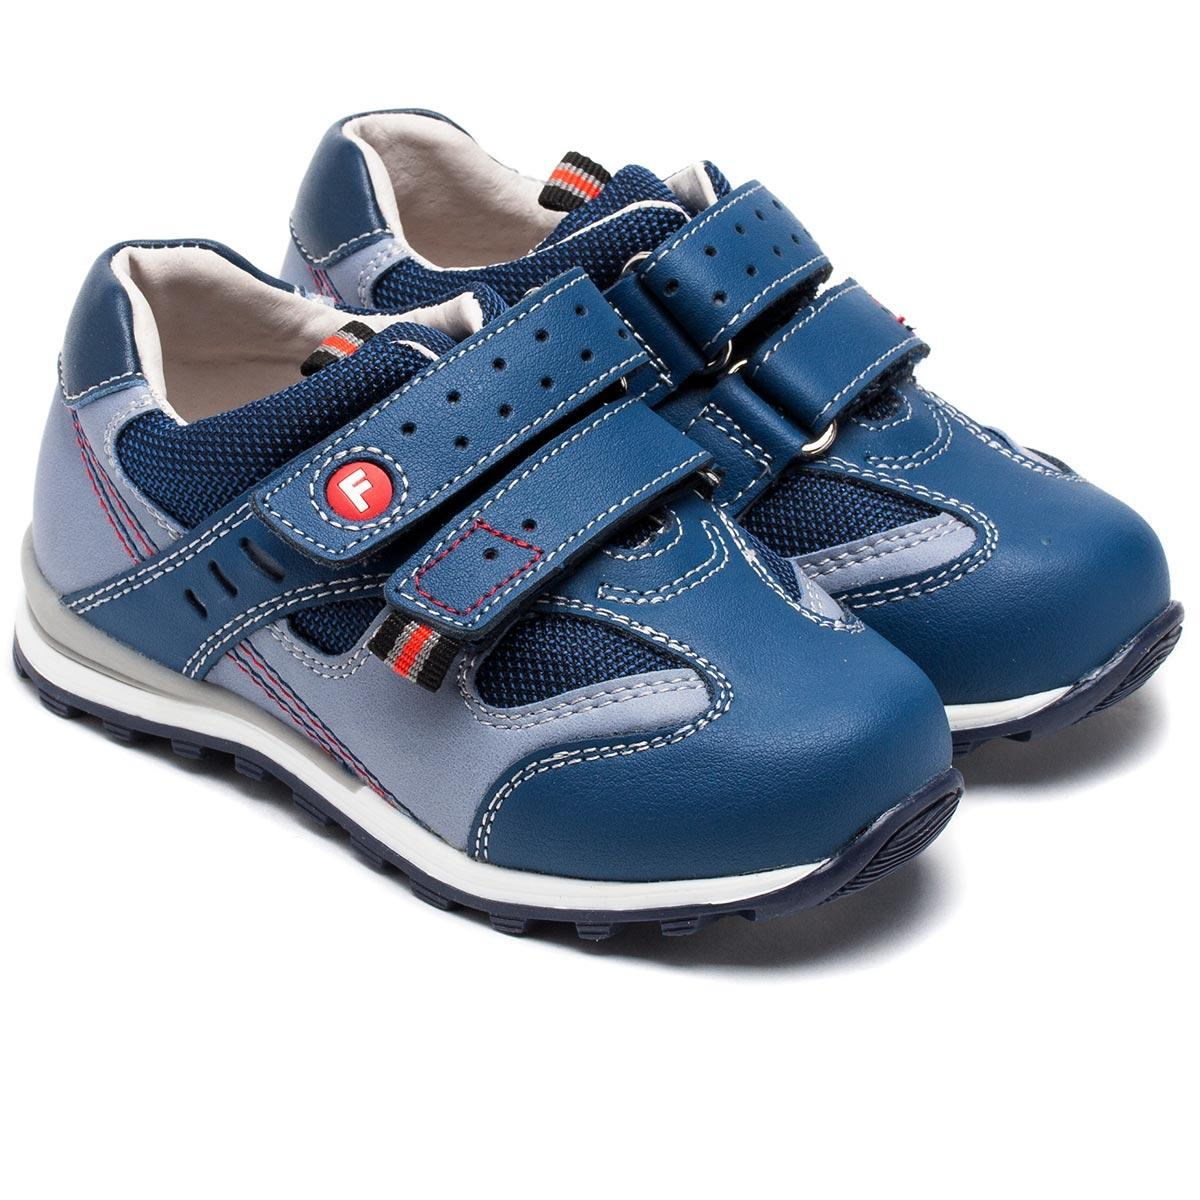 Кожаные кроссовки для мальчика ТМ Фламинго